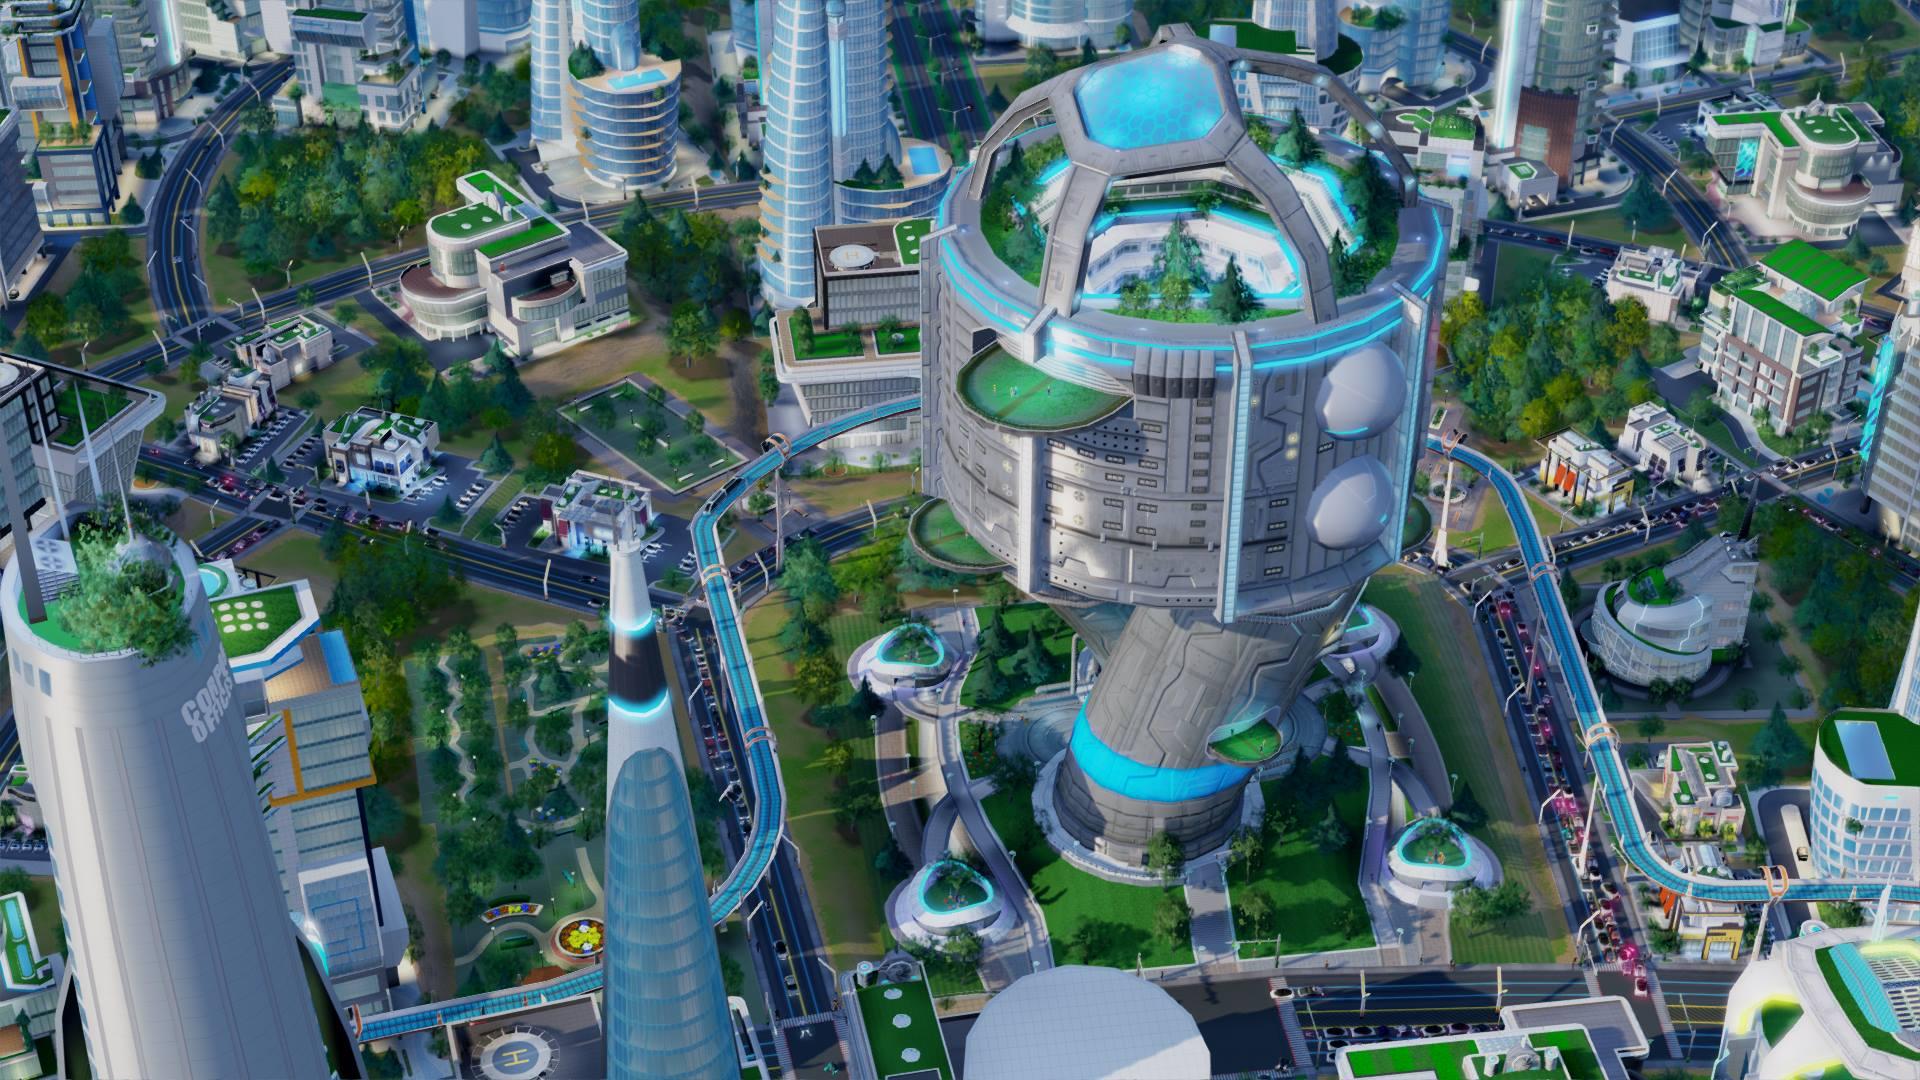 ランドマーク - SimCityシムシティ(2013年版)攻略情報wiki